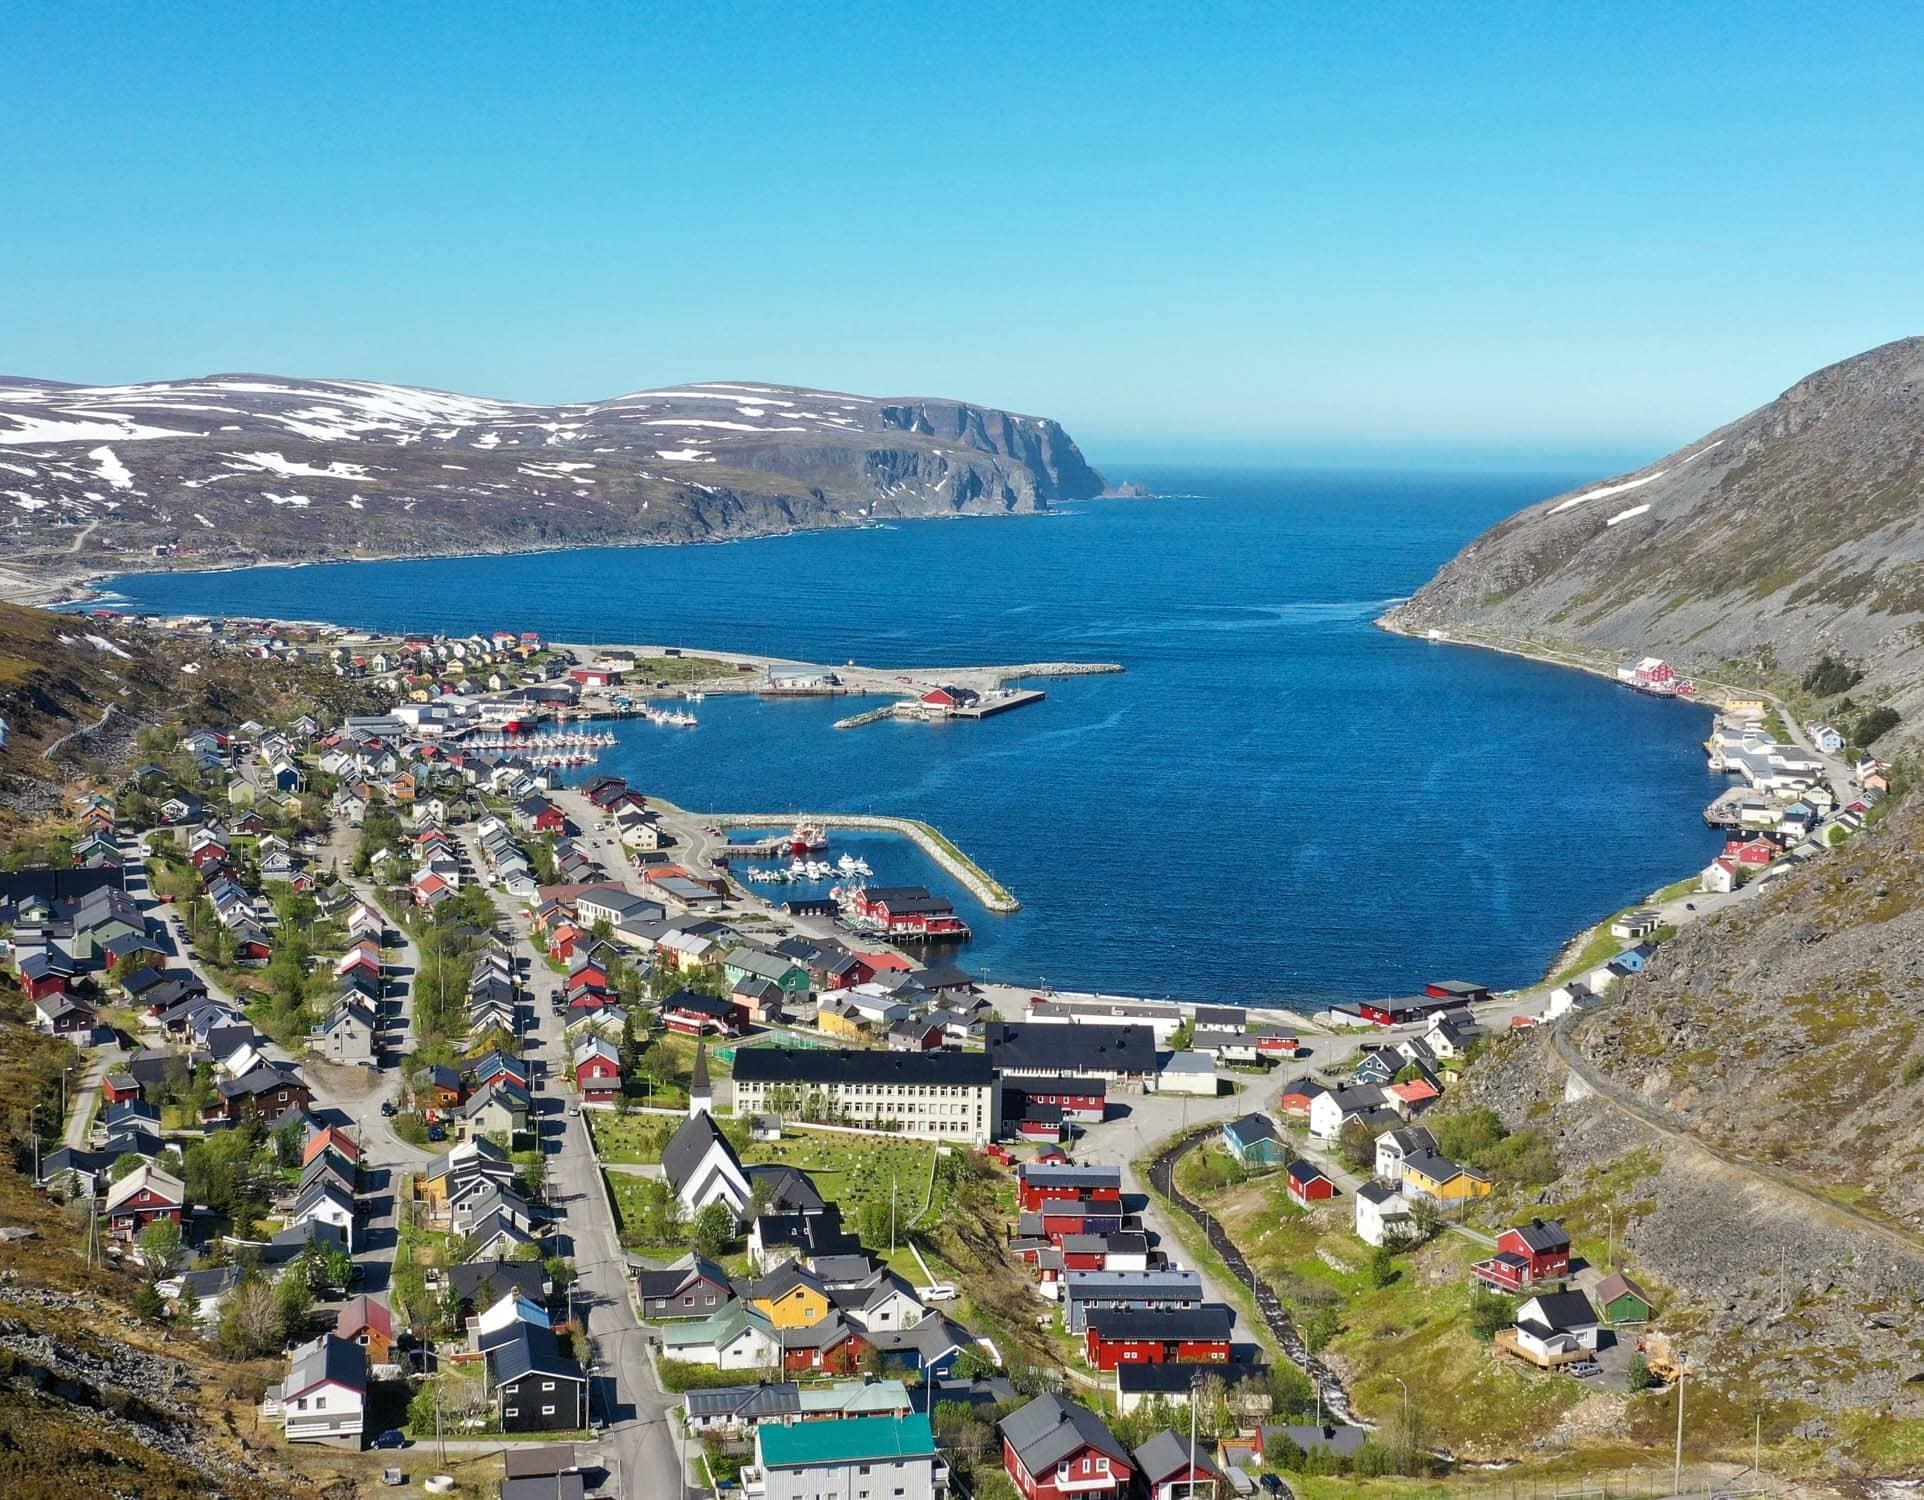 Kjllefjord - Foto Daniel A. ien_2.jpg